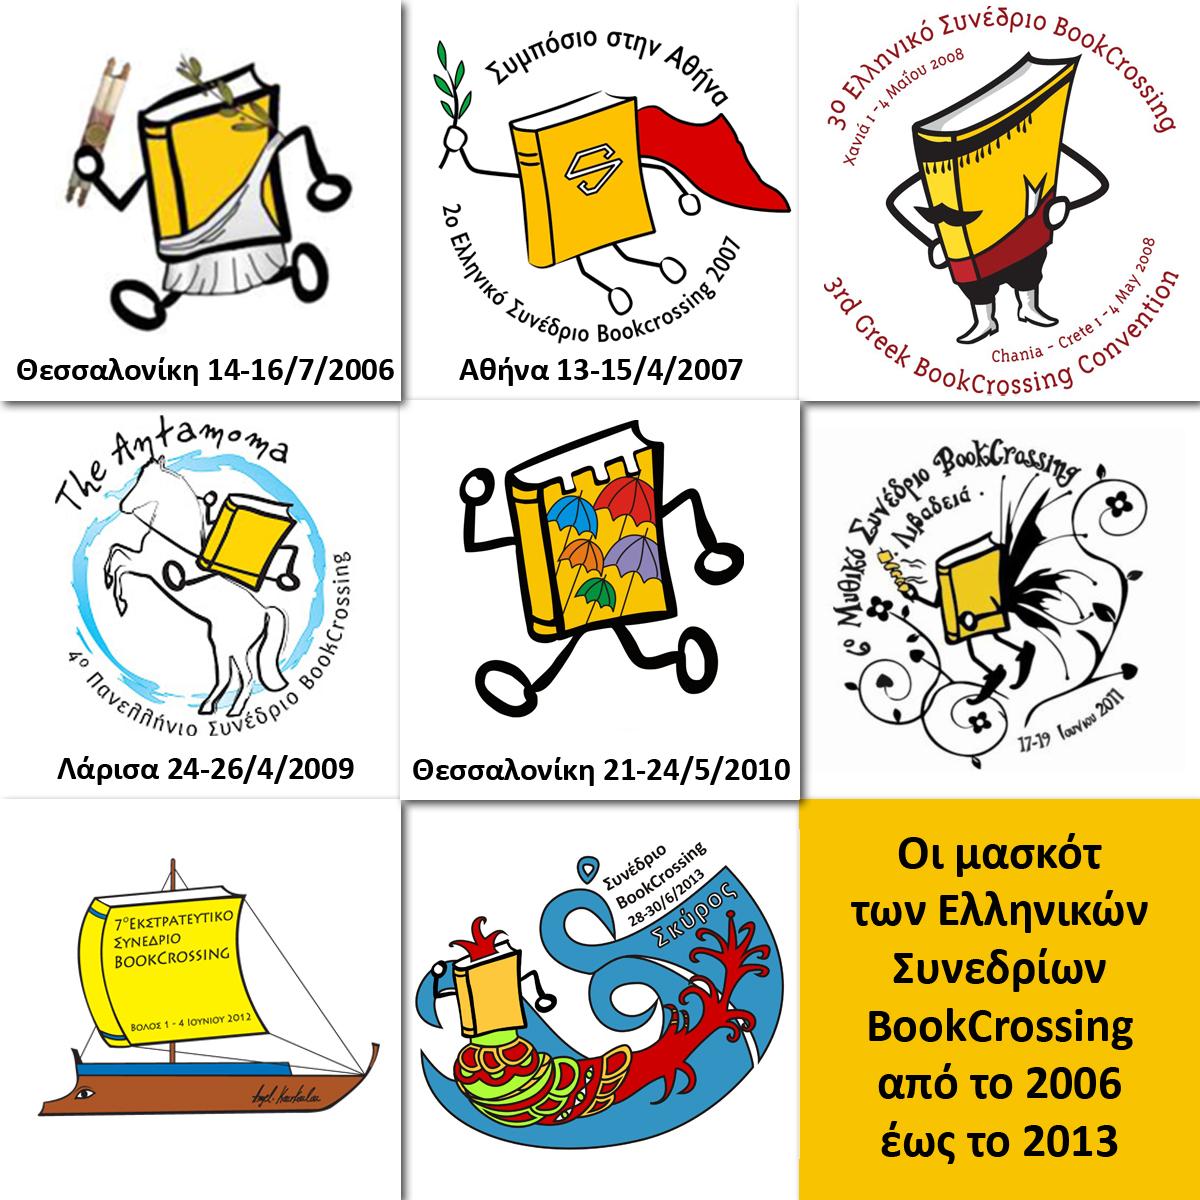 8 μασκότ για το Ελληνικό BookCrossing